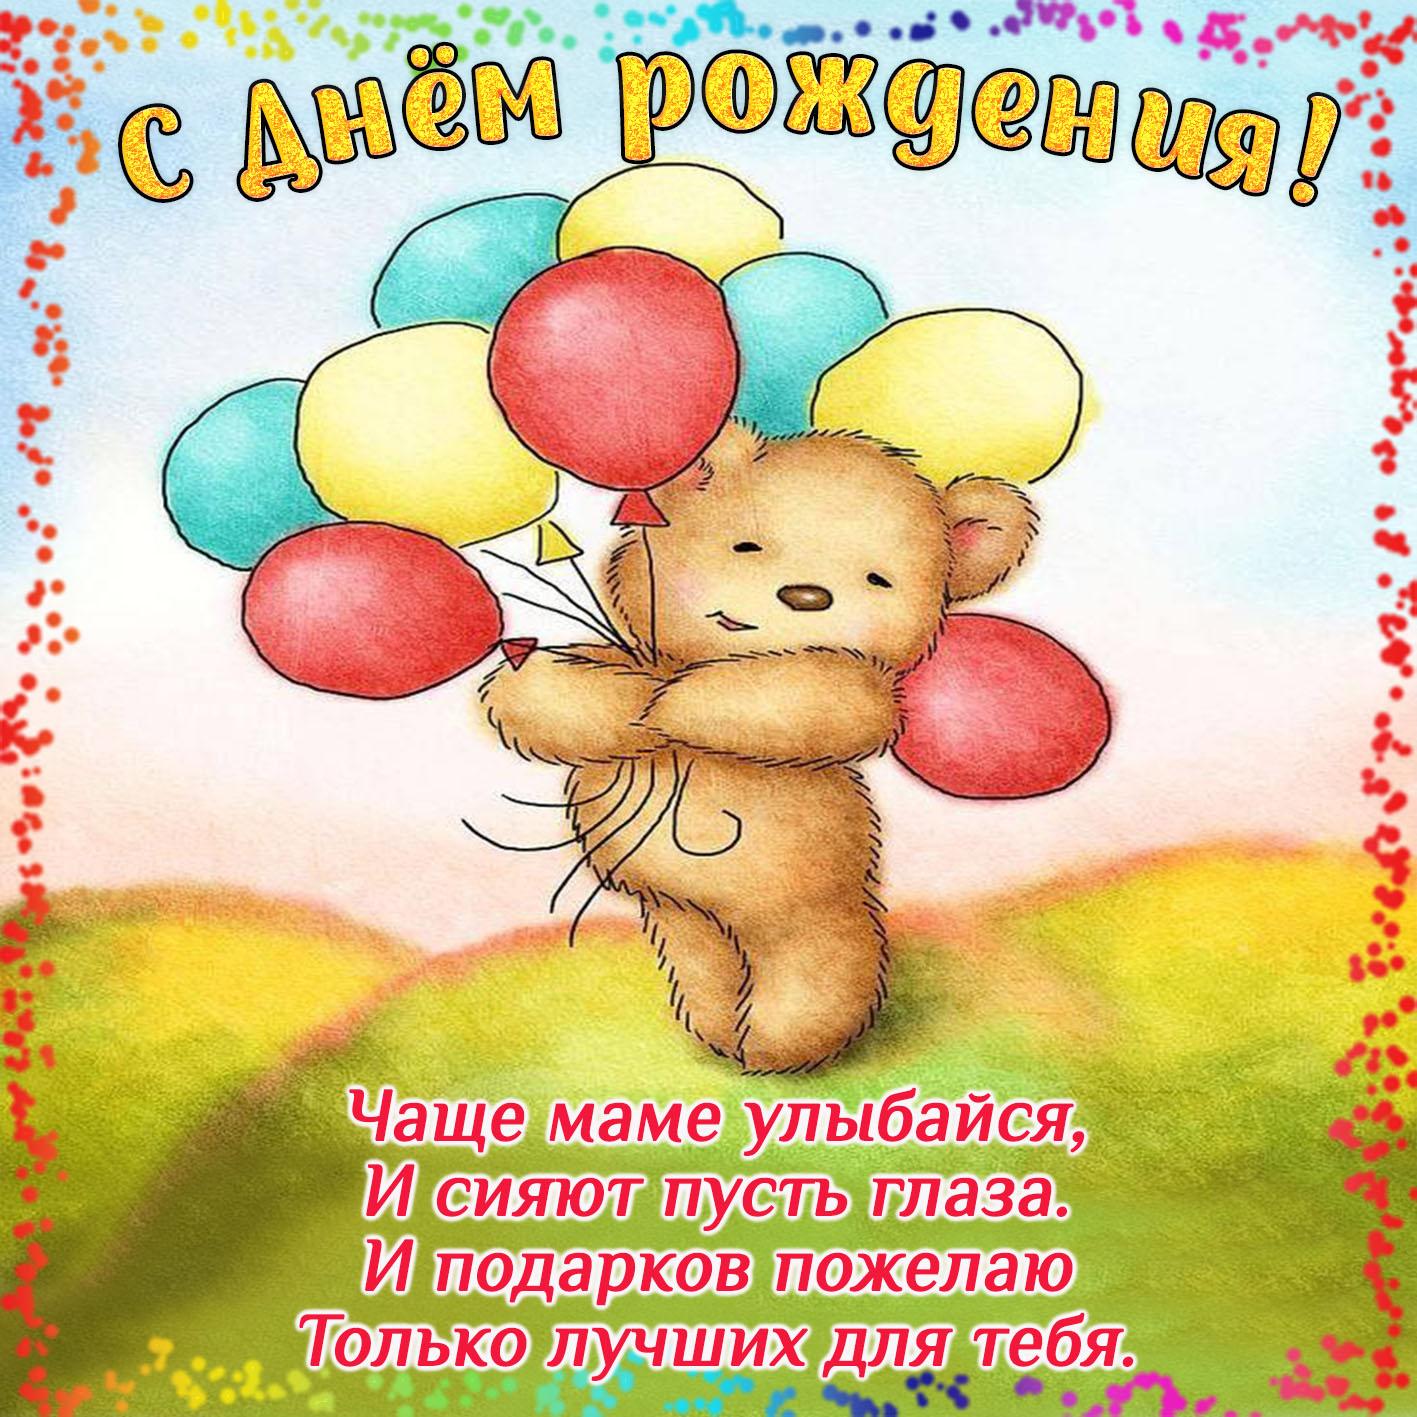 Картинка на День рождения ребёнку с медвежонком